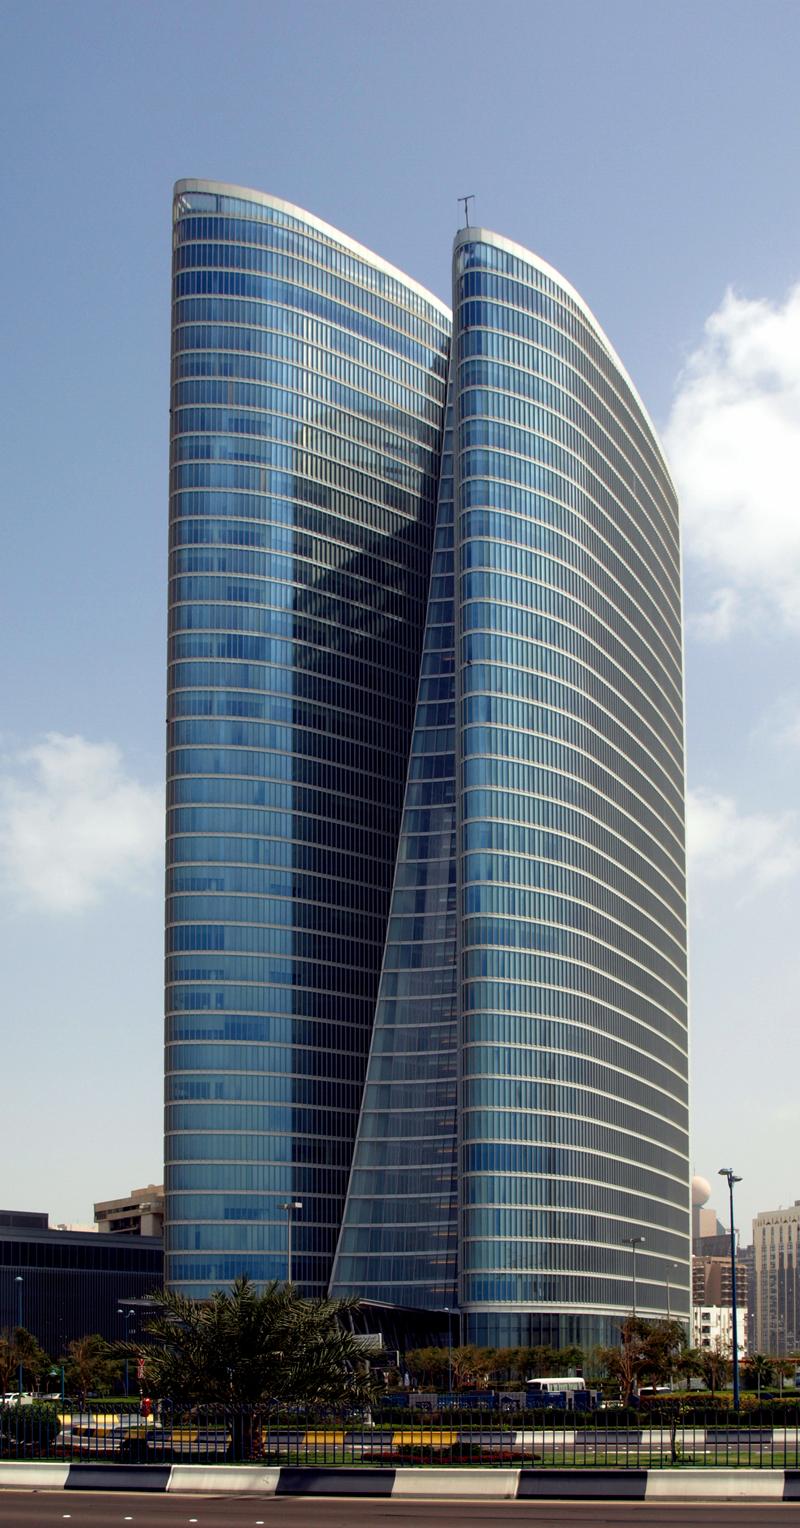 Adia Tower The Skyscraper Center